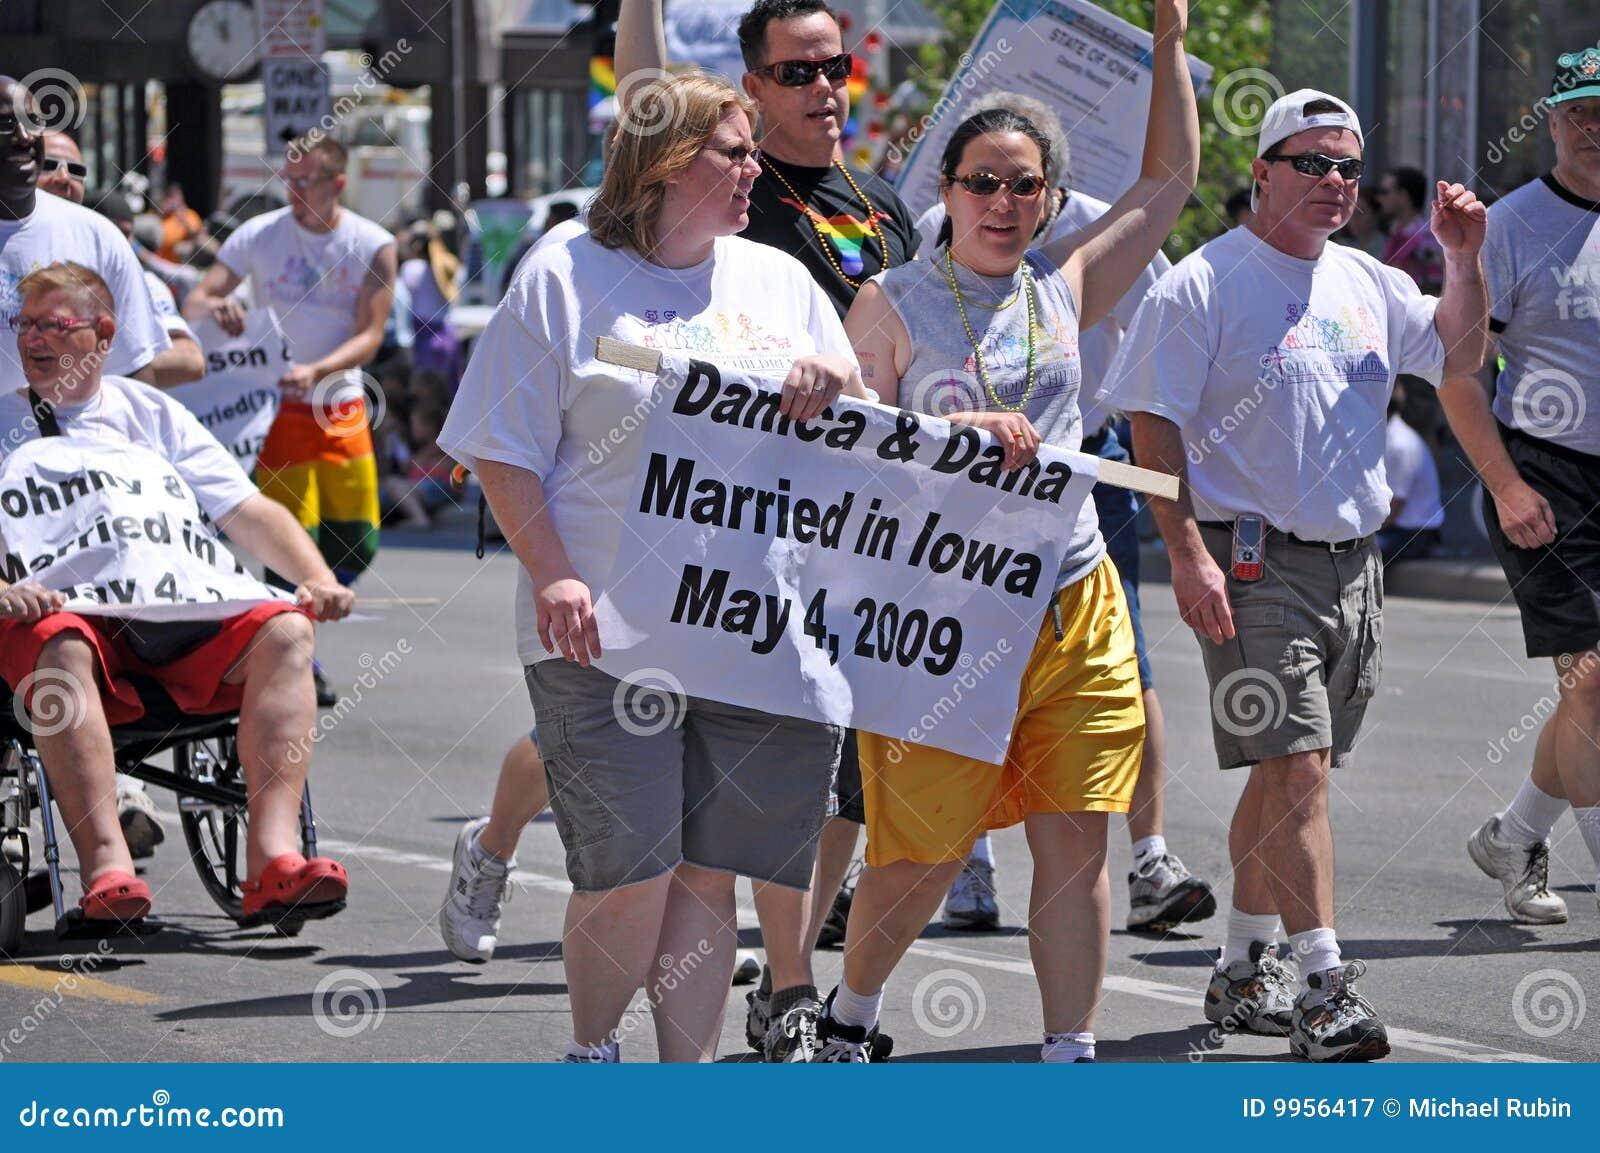 Iowa same sex marriage legal